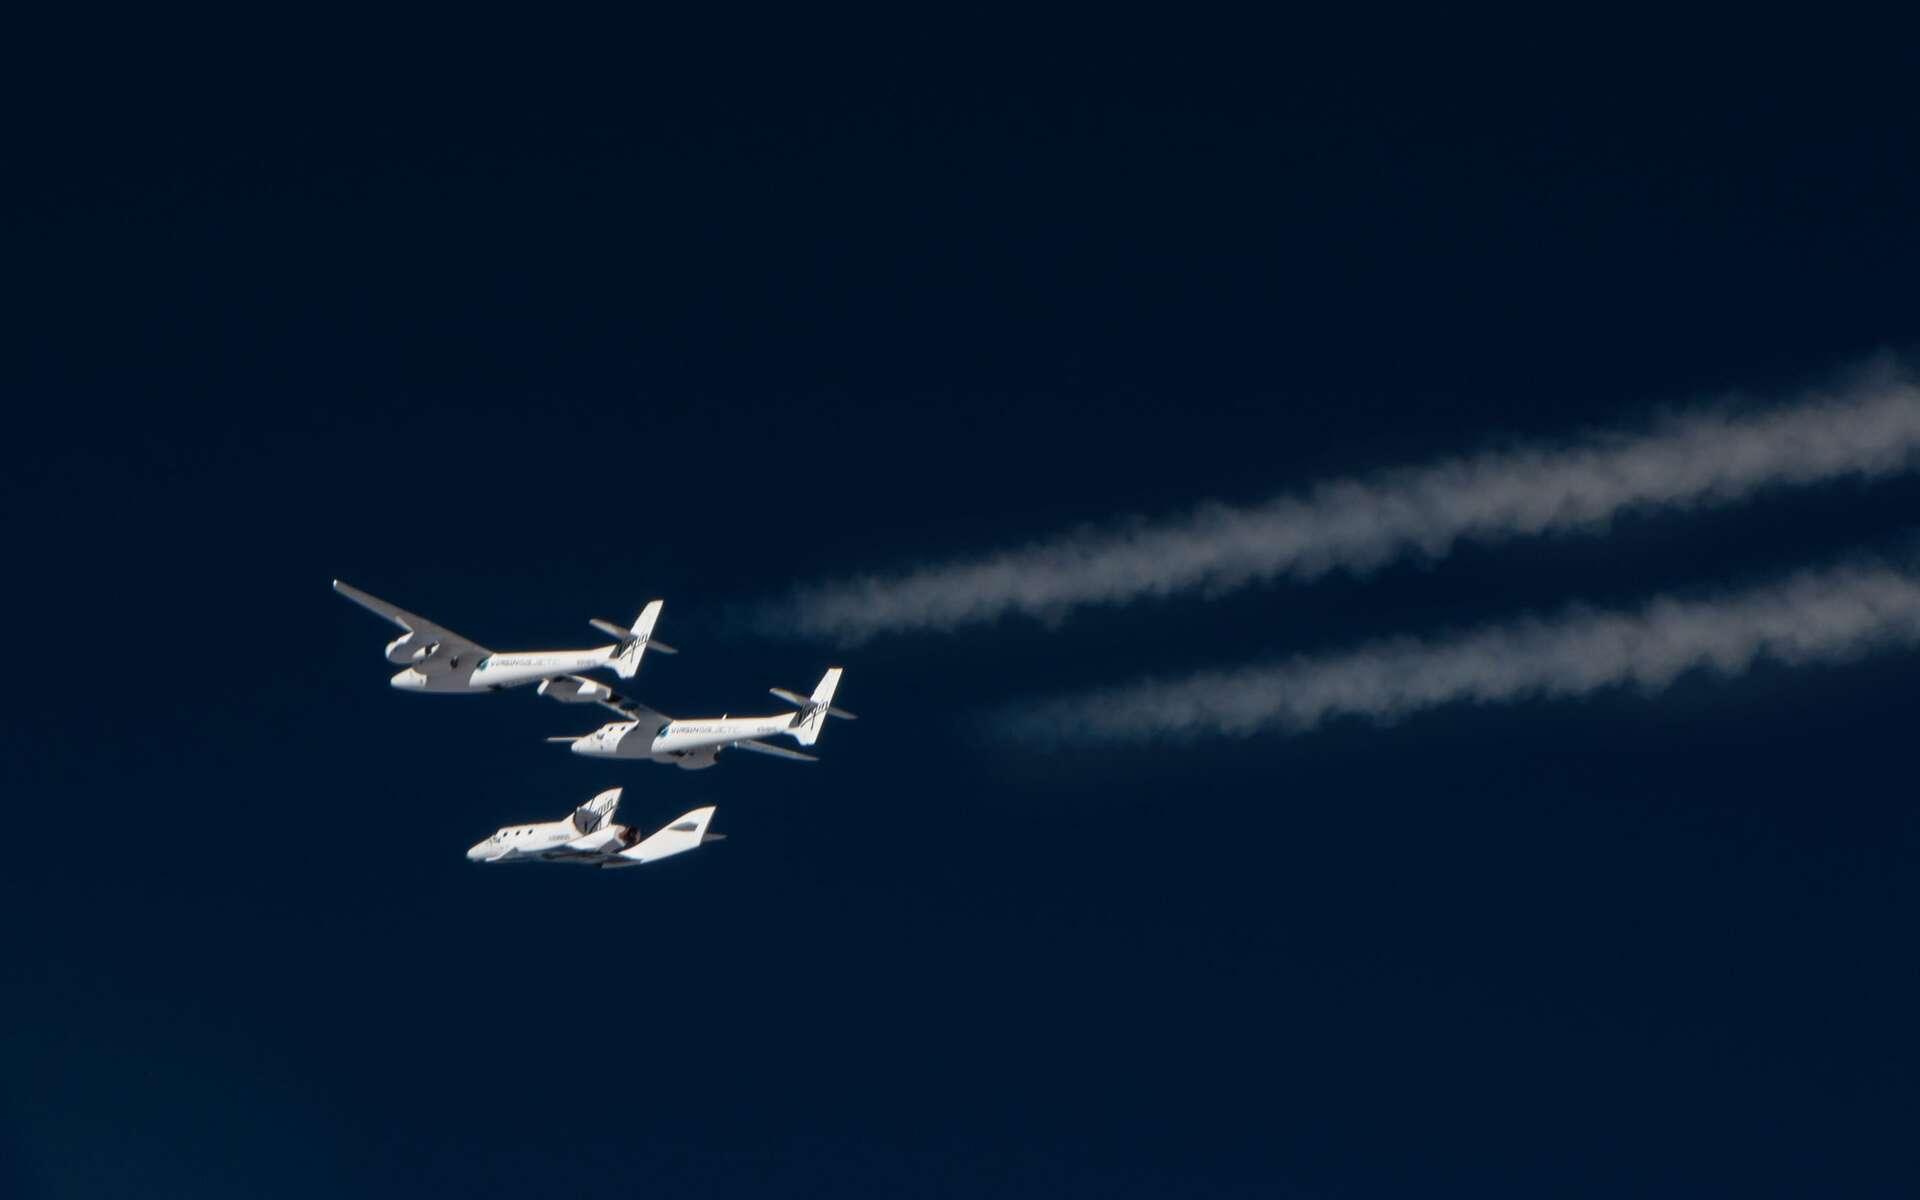 Le SpaceShipTwo sera lancé depuis le White Knight 2, un avion de 43 m d'envergure, l'emportant sous la voilure centrale jusqu'à une vingtaine de kilomètres d'altitude où s'effectuera la séparation des deux engins. Le SpaceShipTwo utilisera alors son propre système de propulsion pour rejoindre l'espace. © Virgin Galactic